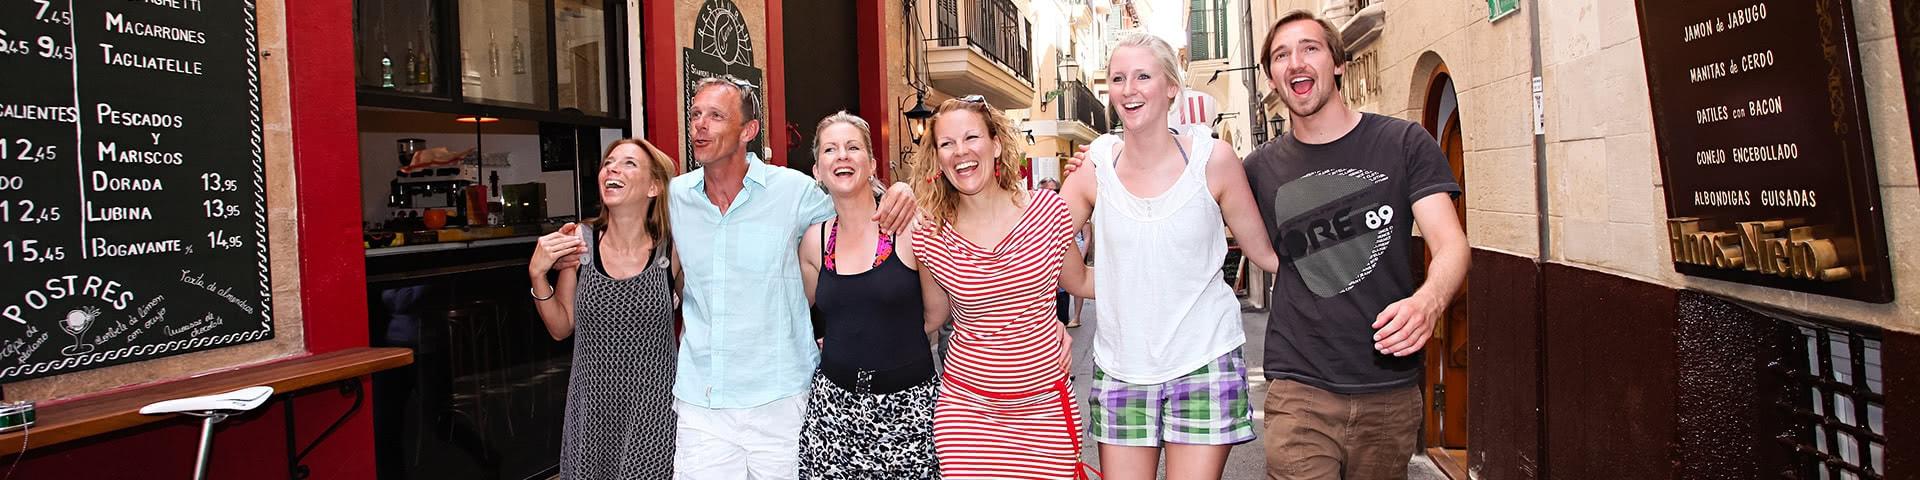 Gut gelaunte Gruppe in der Altstadt von Palma de Mallorca